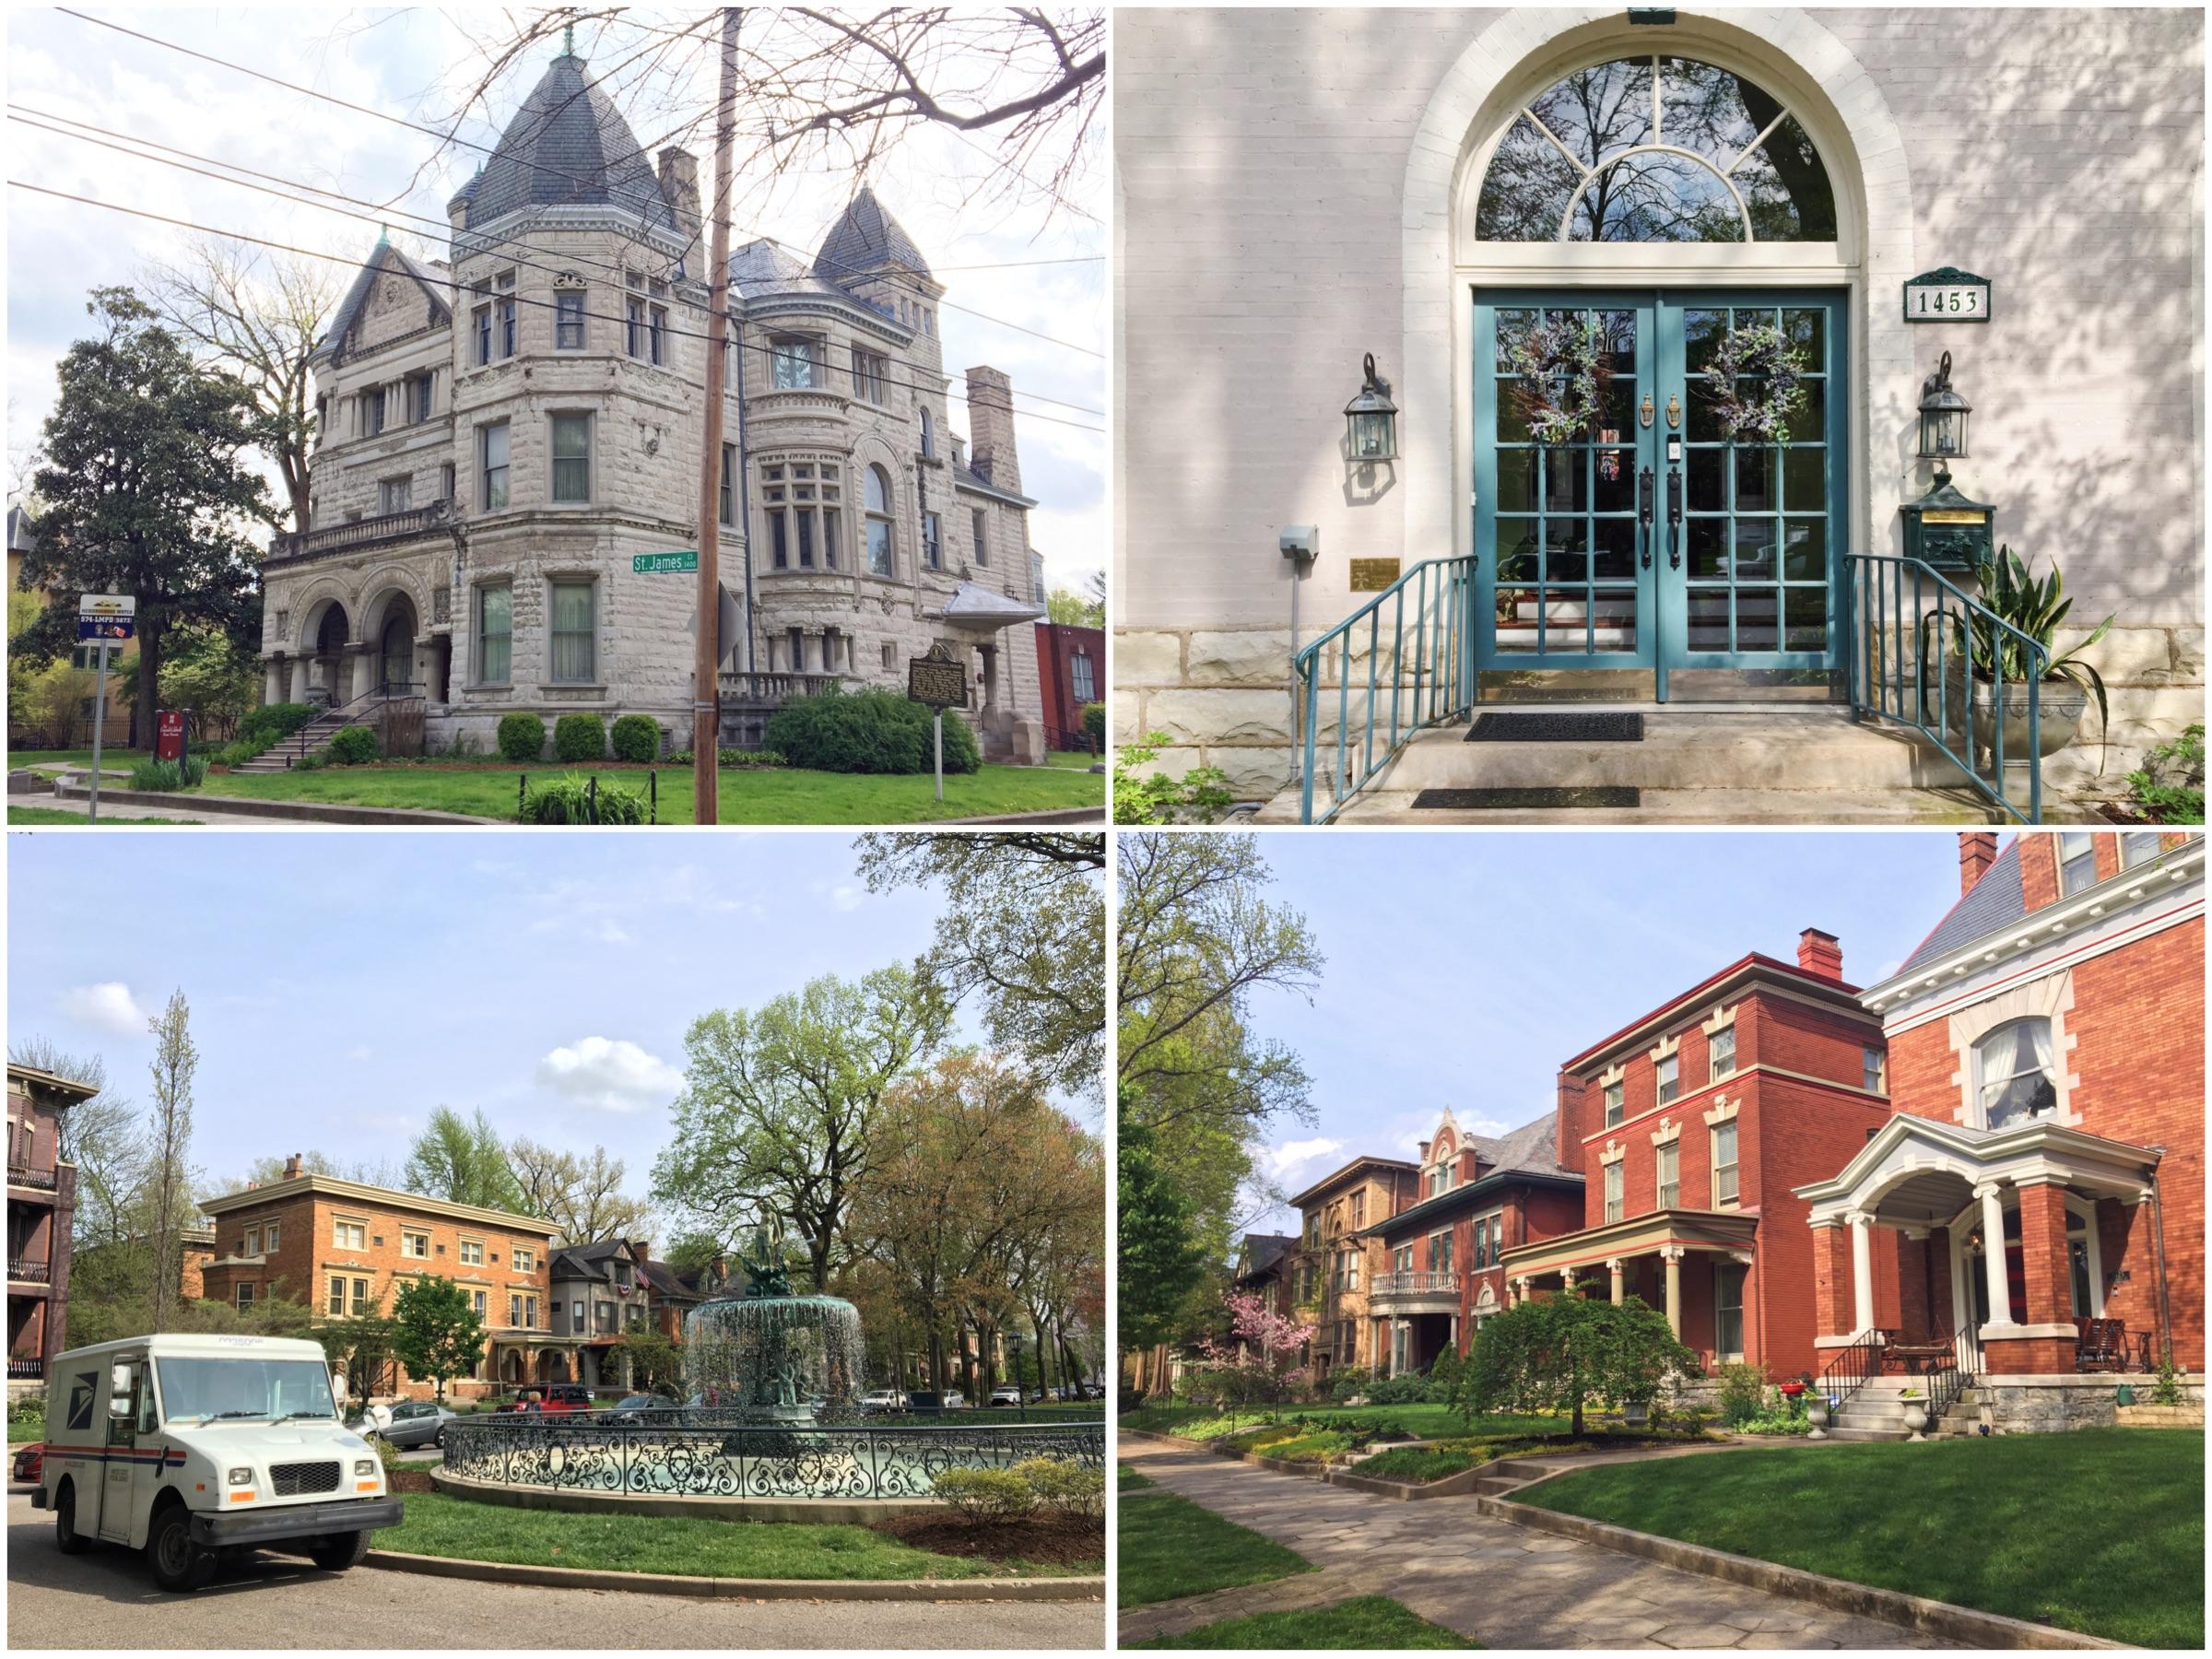 Visitare Old Louisville - Itinerario a piedi